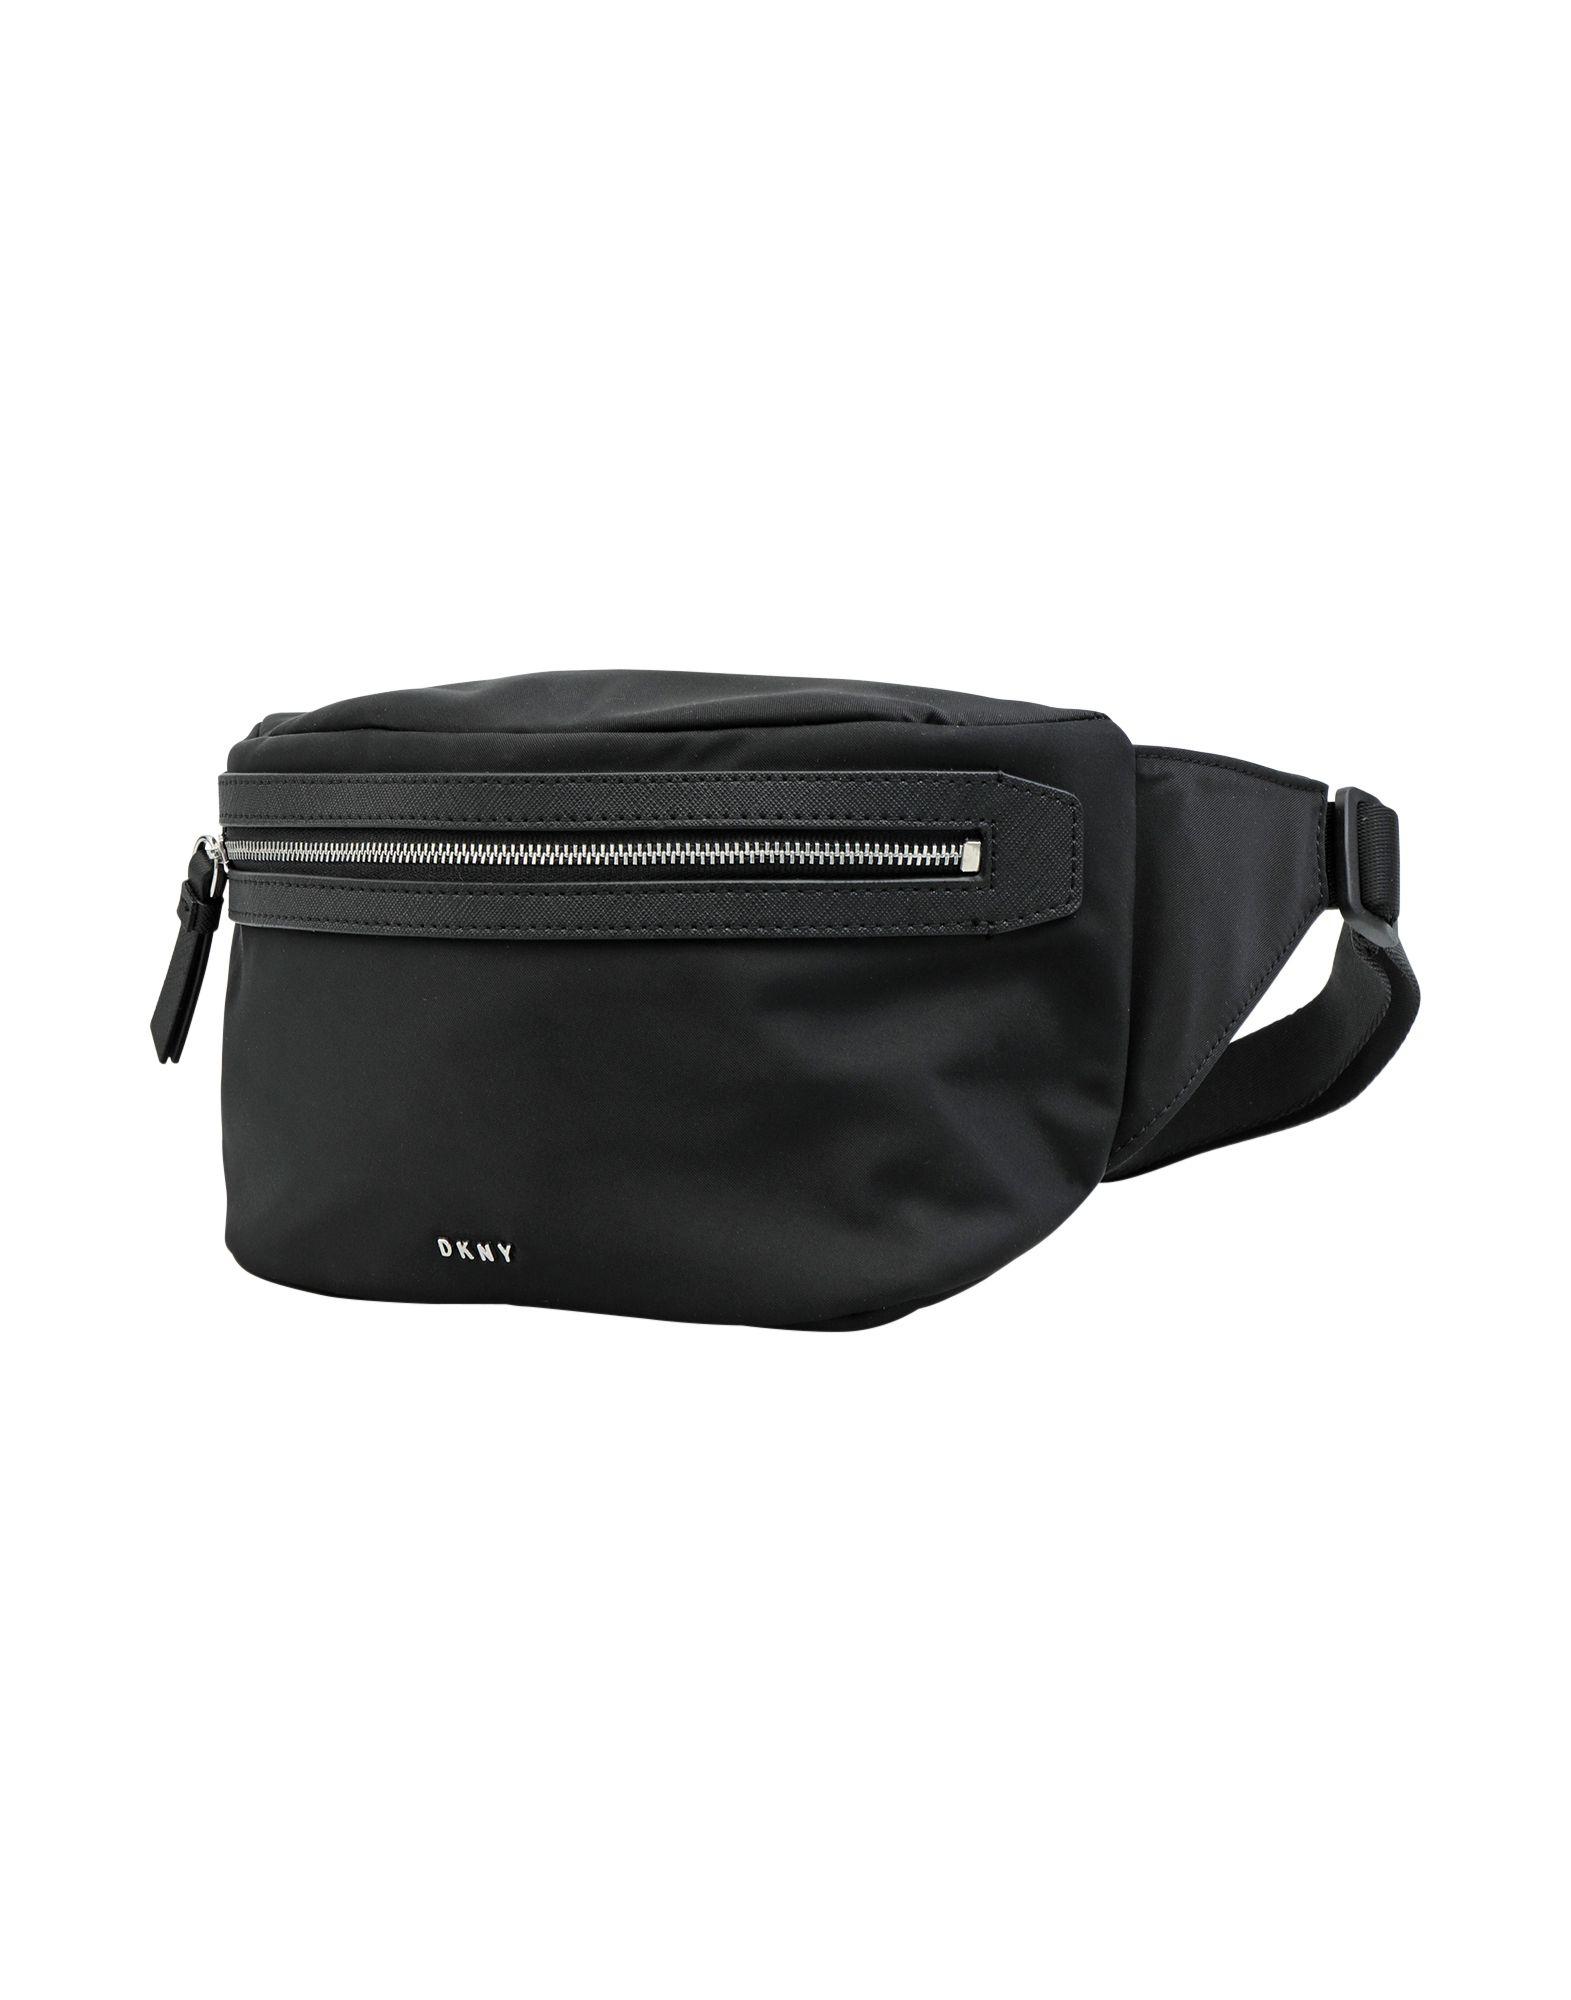 Фото - DKNY Поясная сумка сумка dkny r913h988 bgd